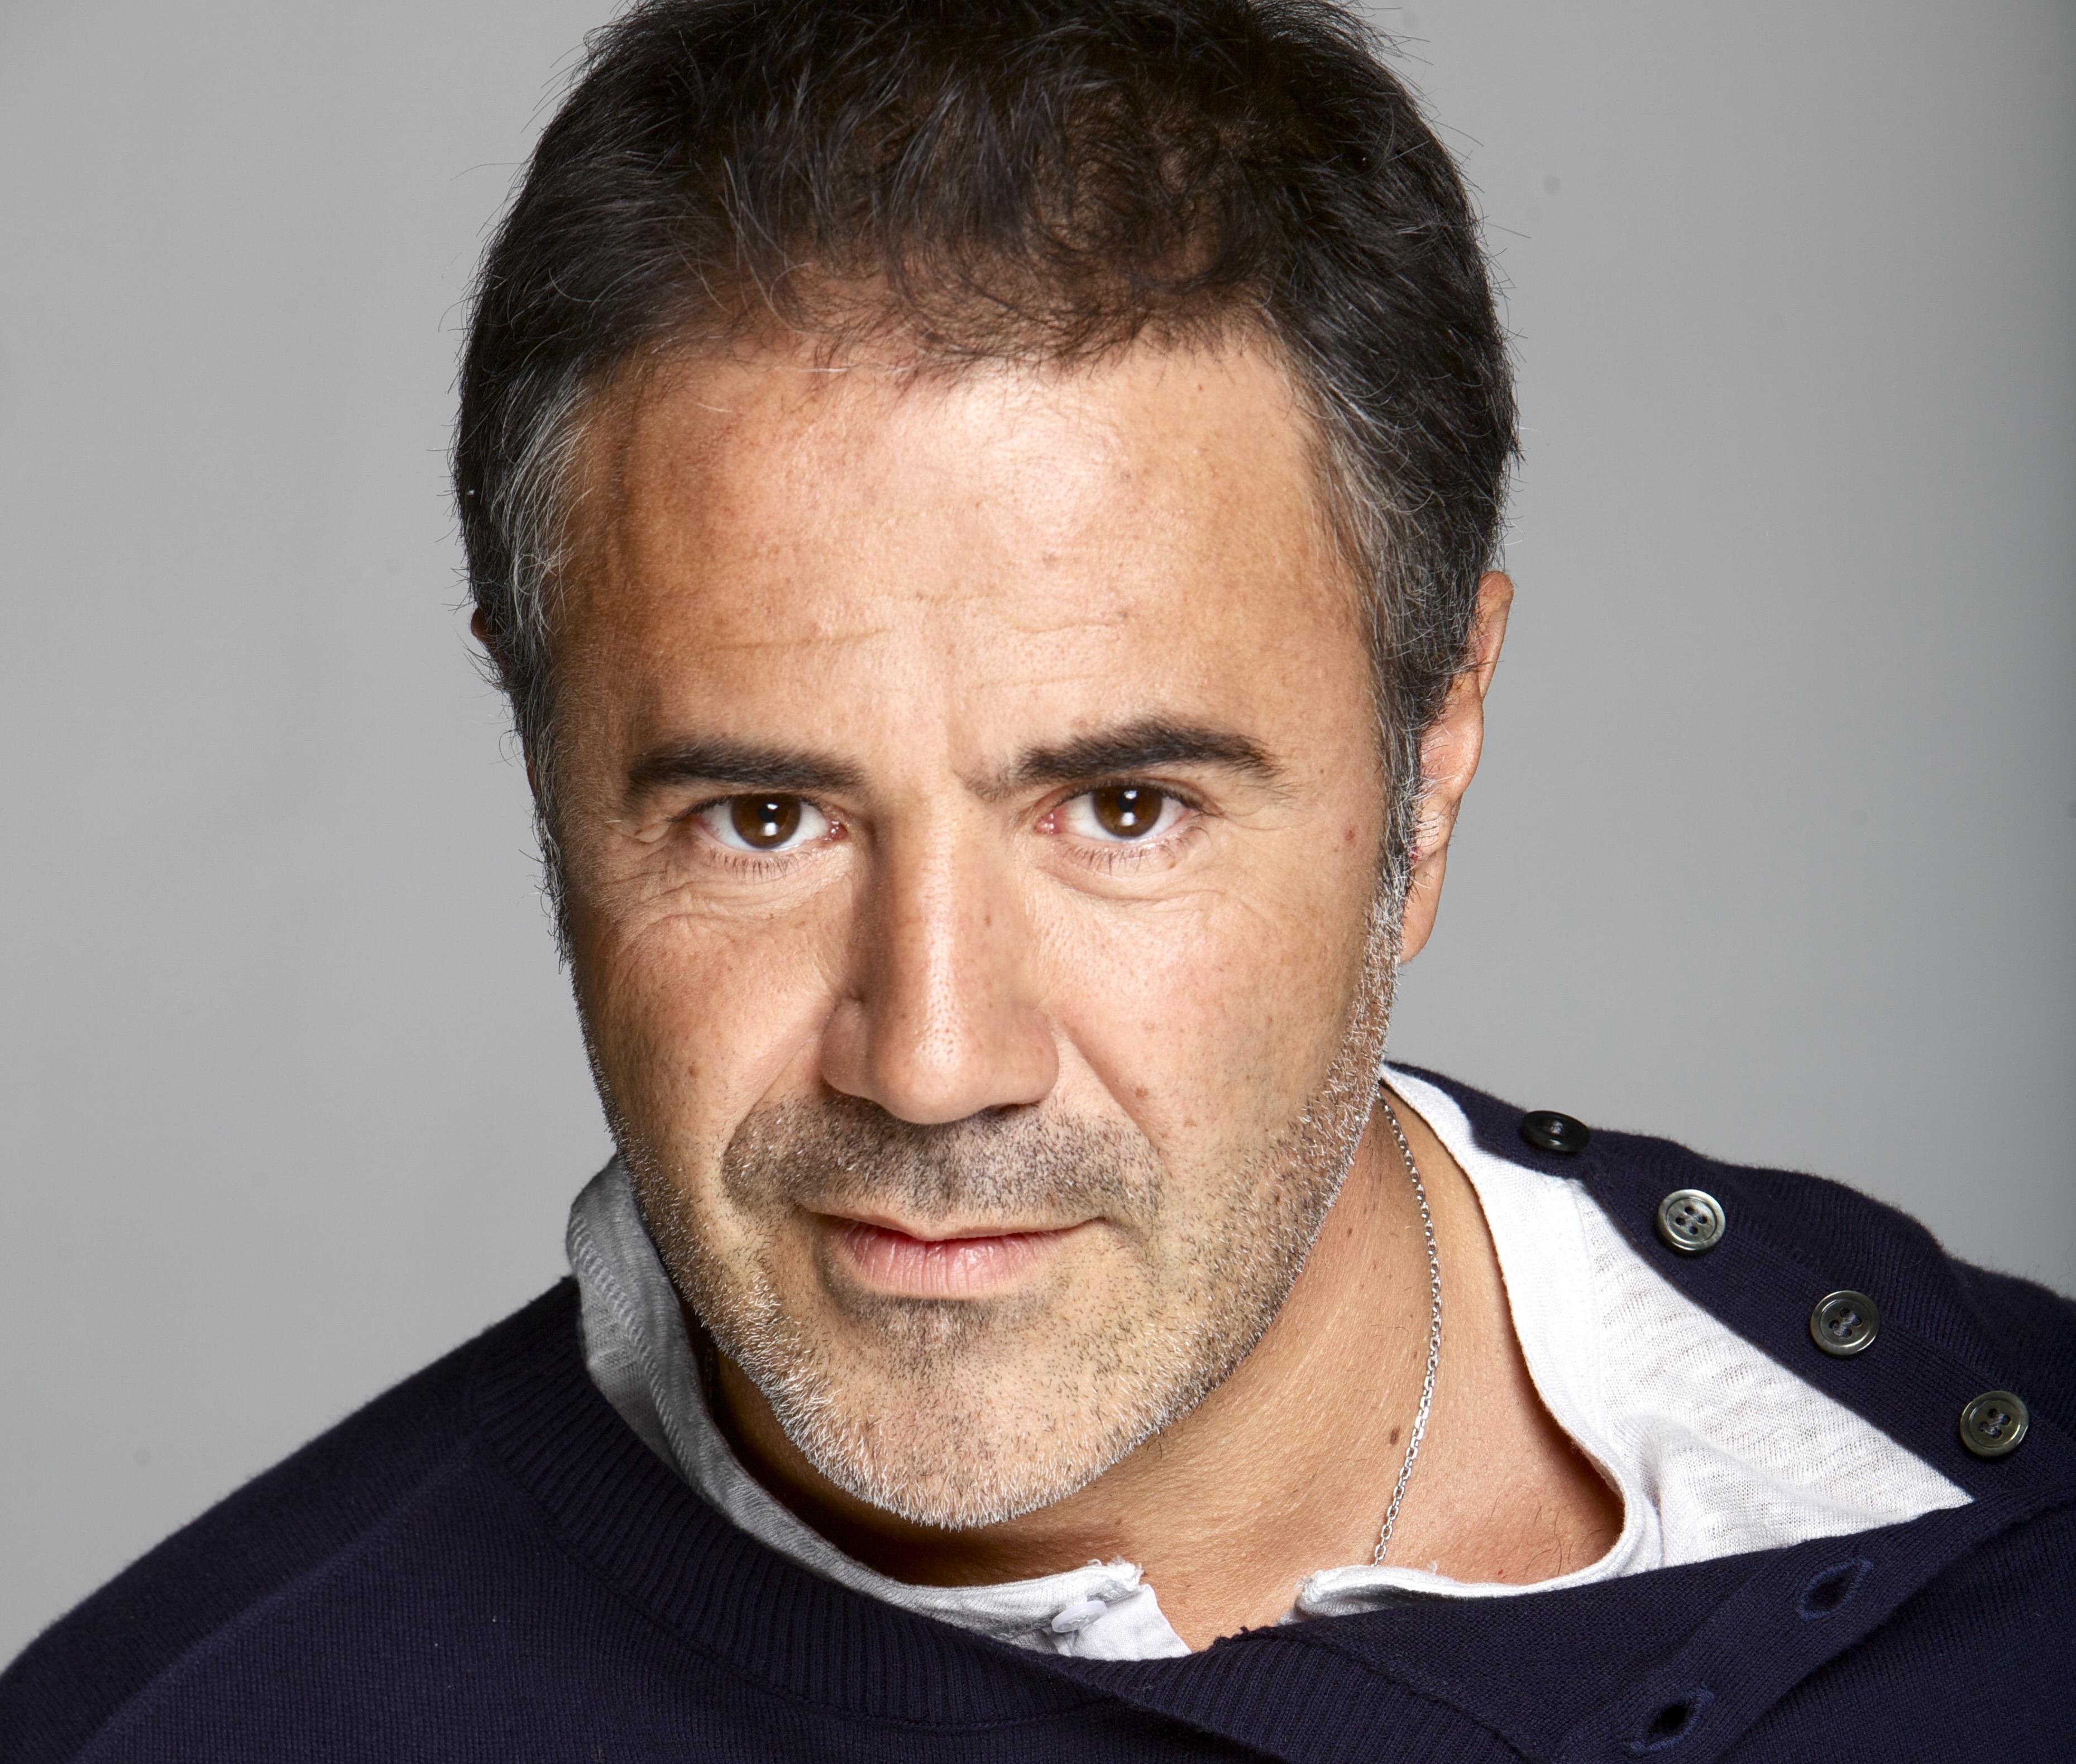 портреты Жозе Гарсия Жозе Гарсия,